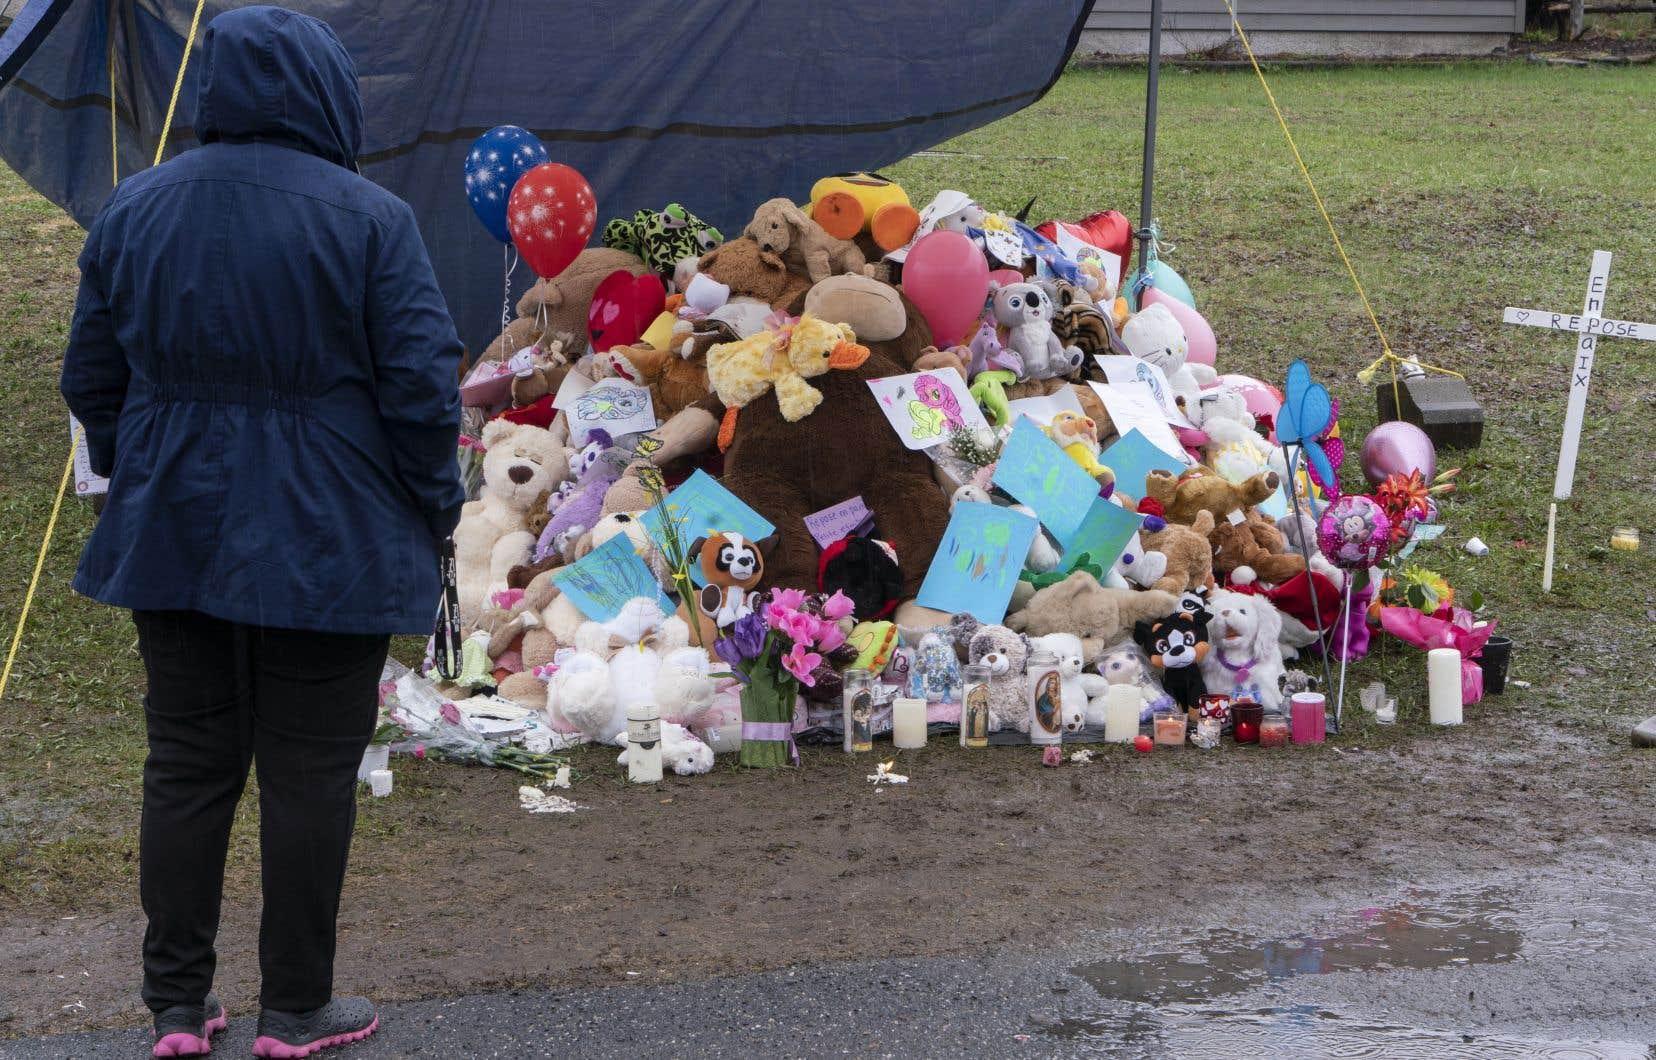 Le décès de la fillette avait provoqué une onde de choc à travers le Québec, entraînant la création d'une commission spéciale sur la protection de la jeunesse.